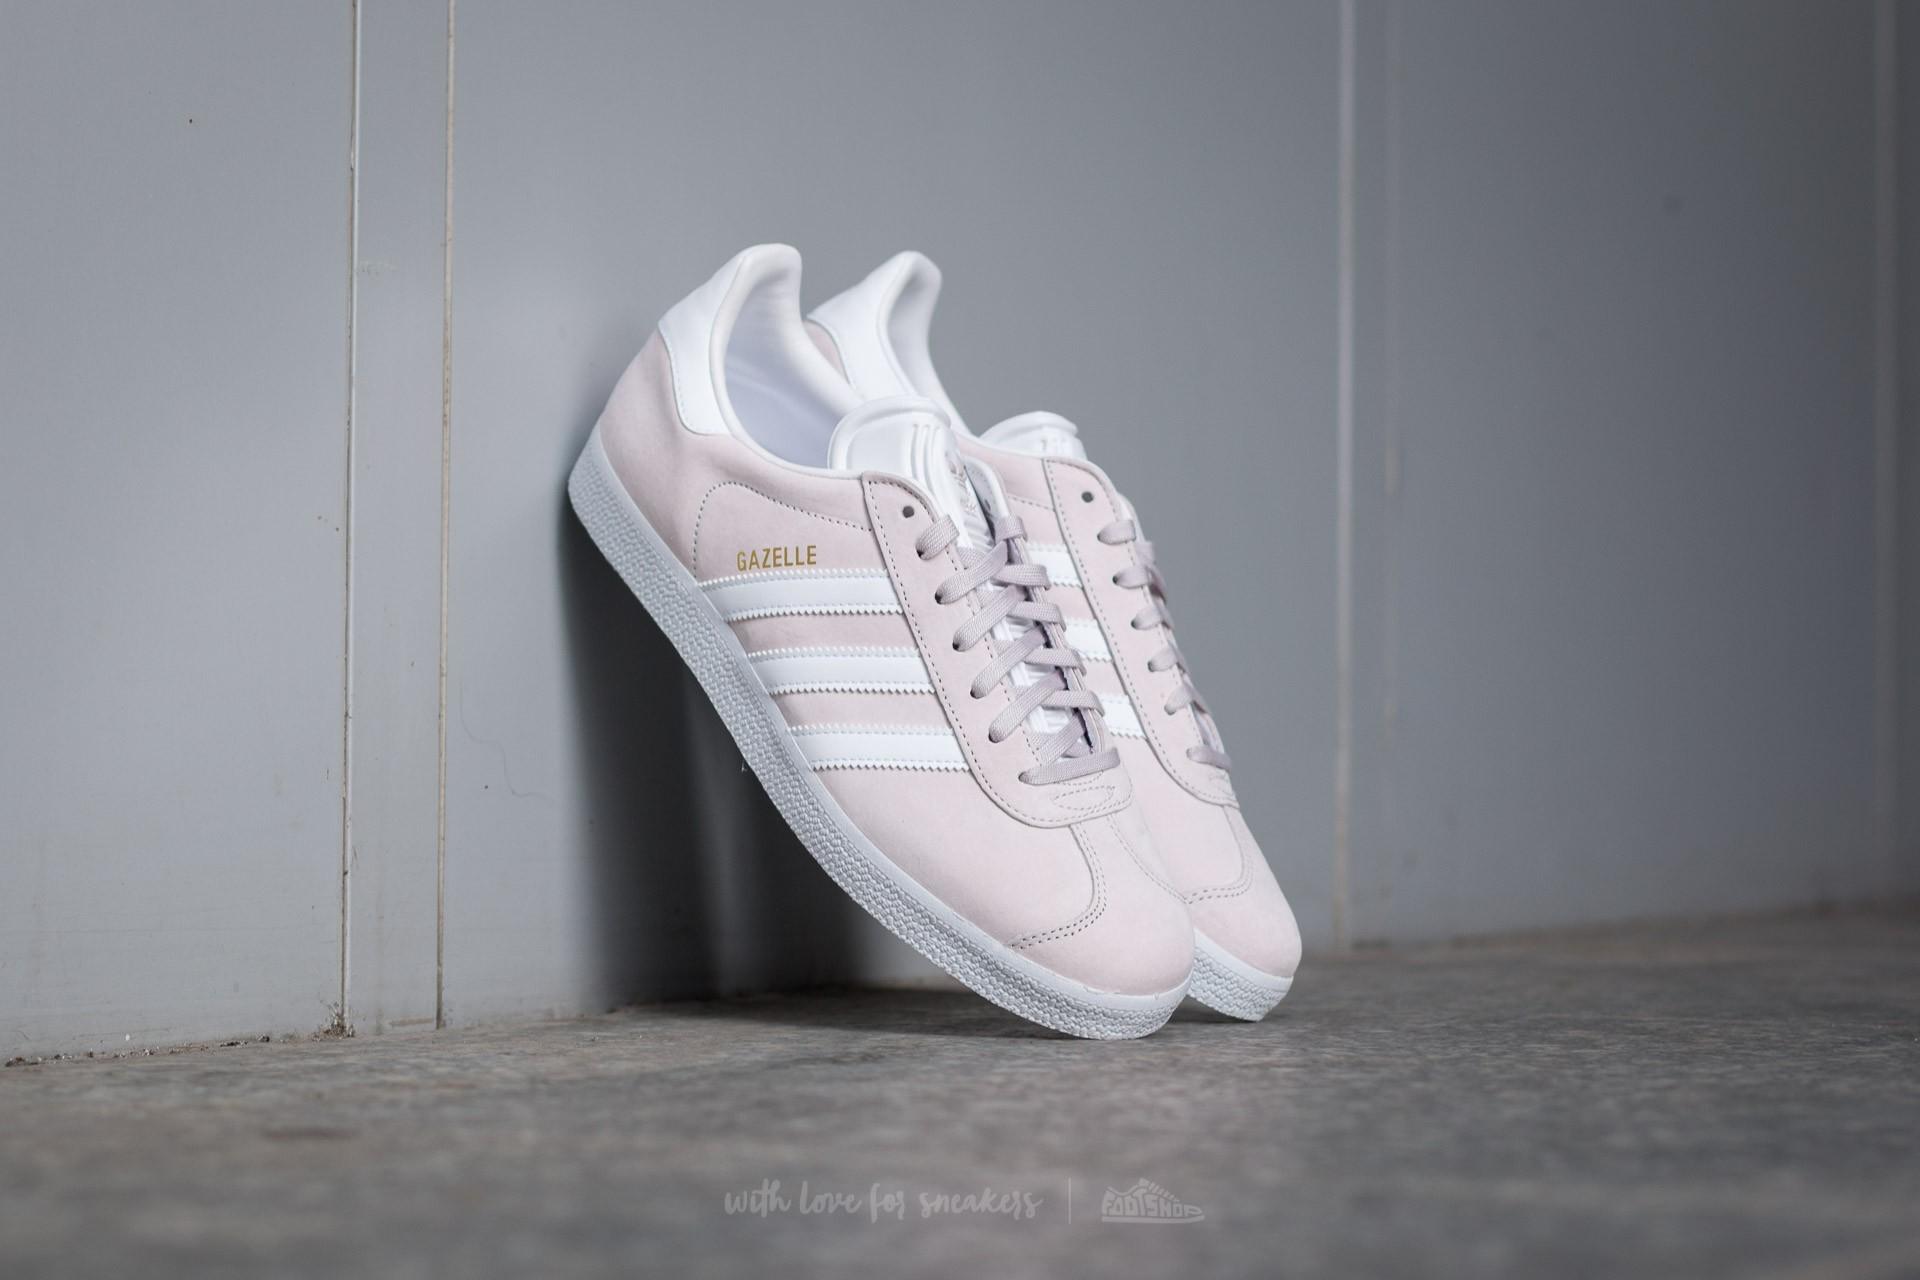 new arrival adc91 5a516 adidas Gazelle. Icepur  White  Gold Metallic